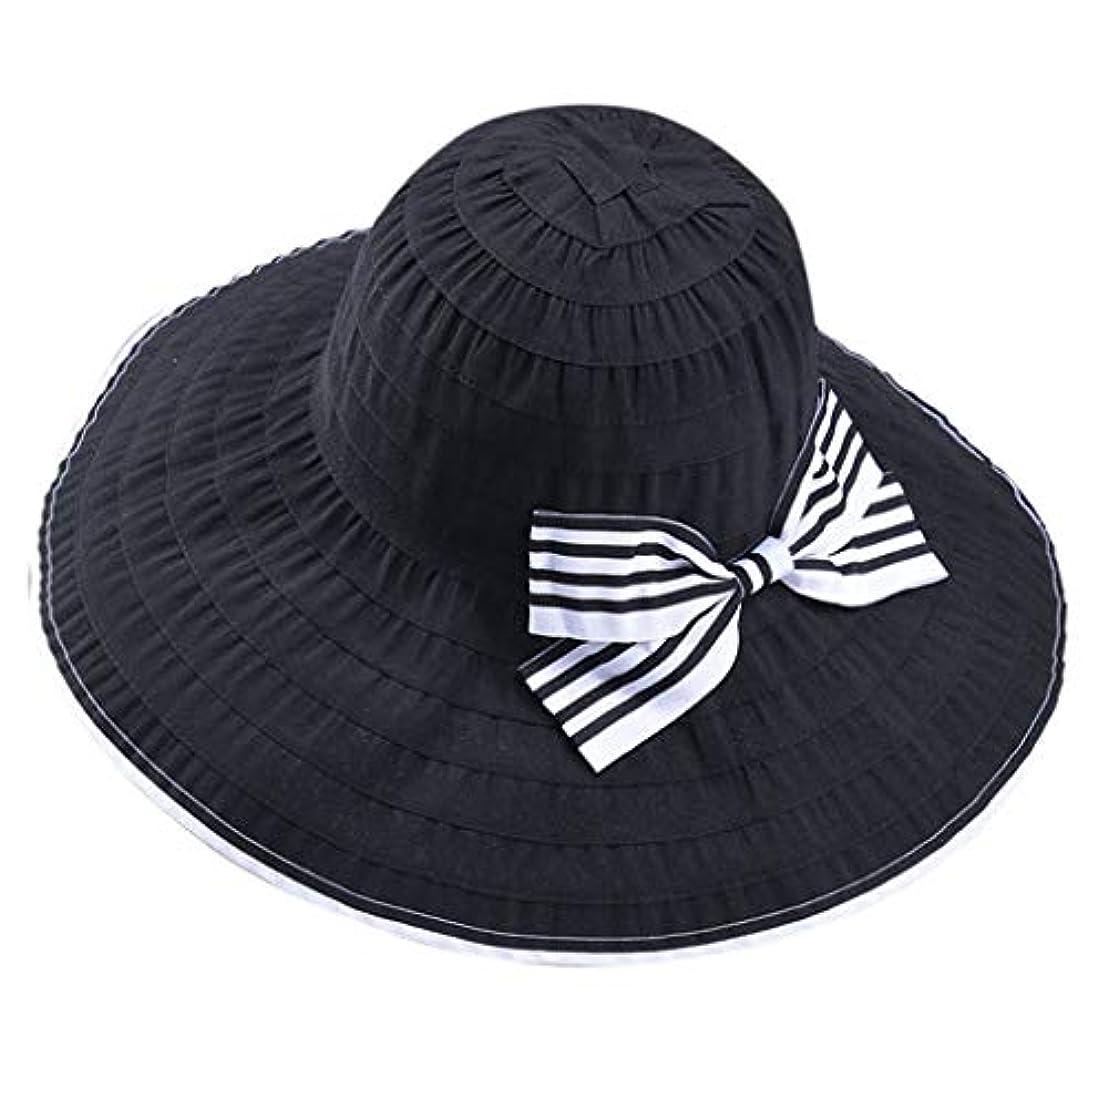 うん続ける著作権帽子 サイズ調整 テープ ハット 黒 ニット帽 ビーチサンダル ターバン 夏 ベレー帽 レディース 女優帽 日よけ 熱中症予防 日焼け 折りたたみ 持ち運び つば広 自転車 飛ばない 夏 春 サイドリボン ROSE ROMAN